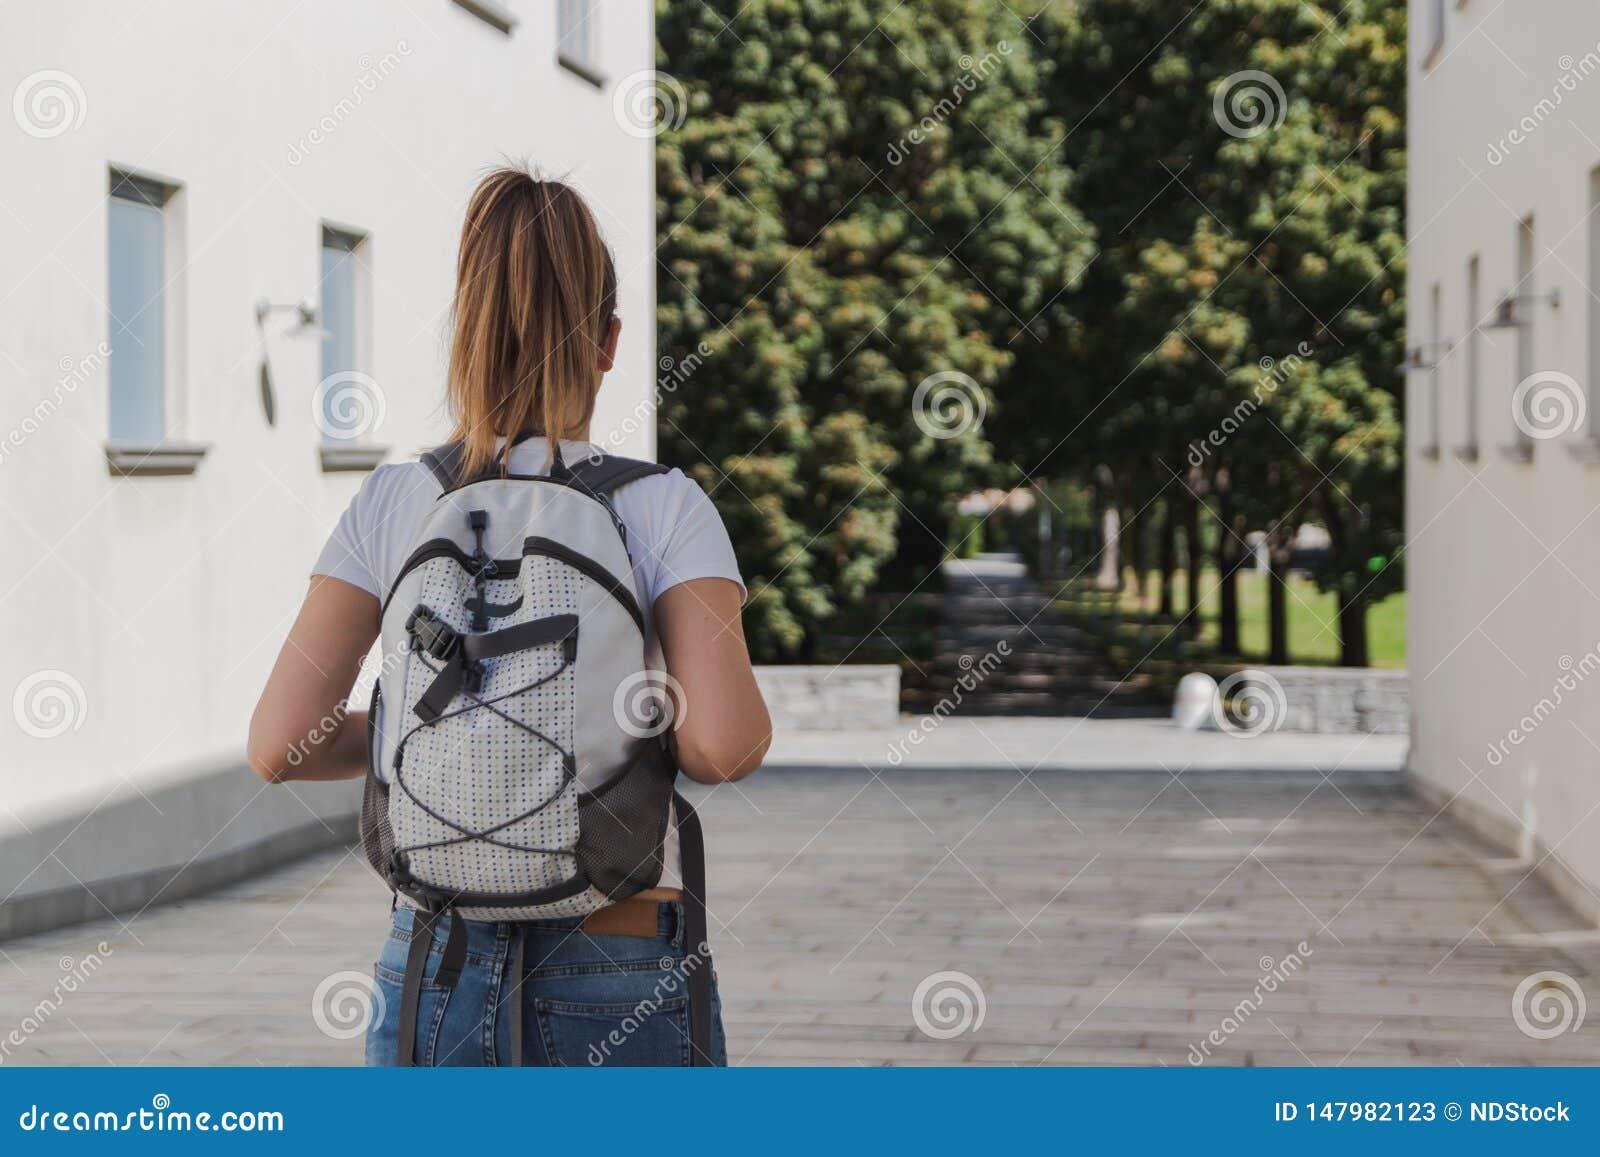 Jonge vrouw die met rugzak aan school na de zomervakantie lopen